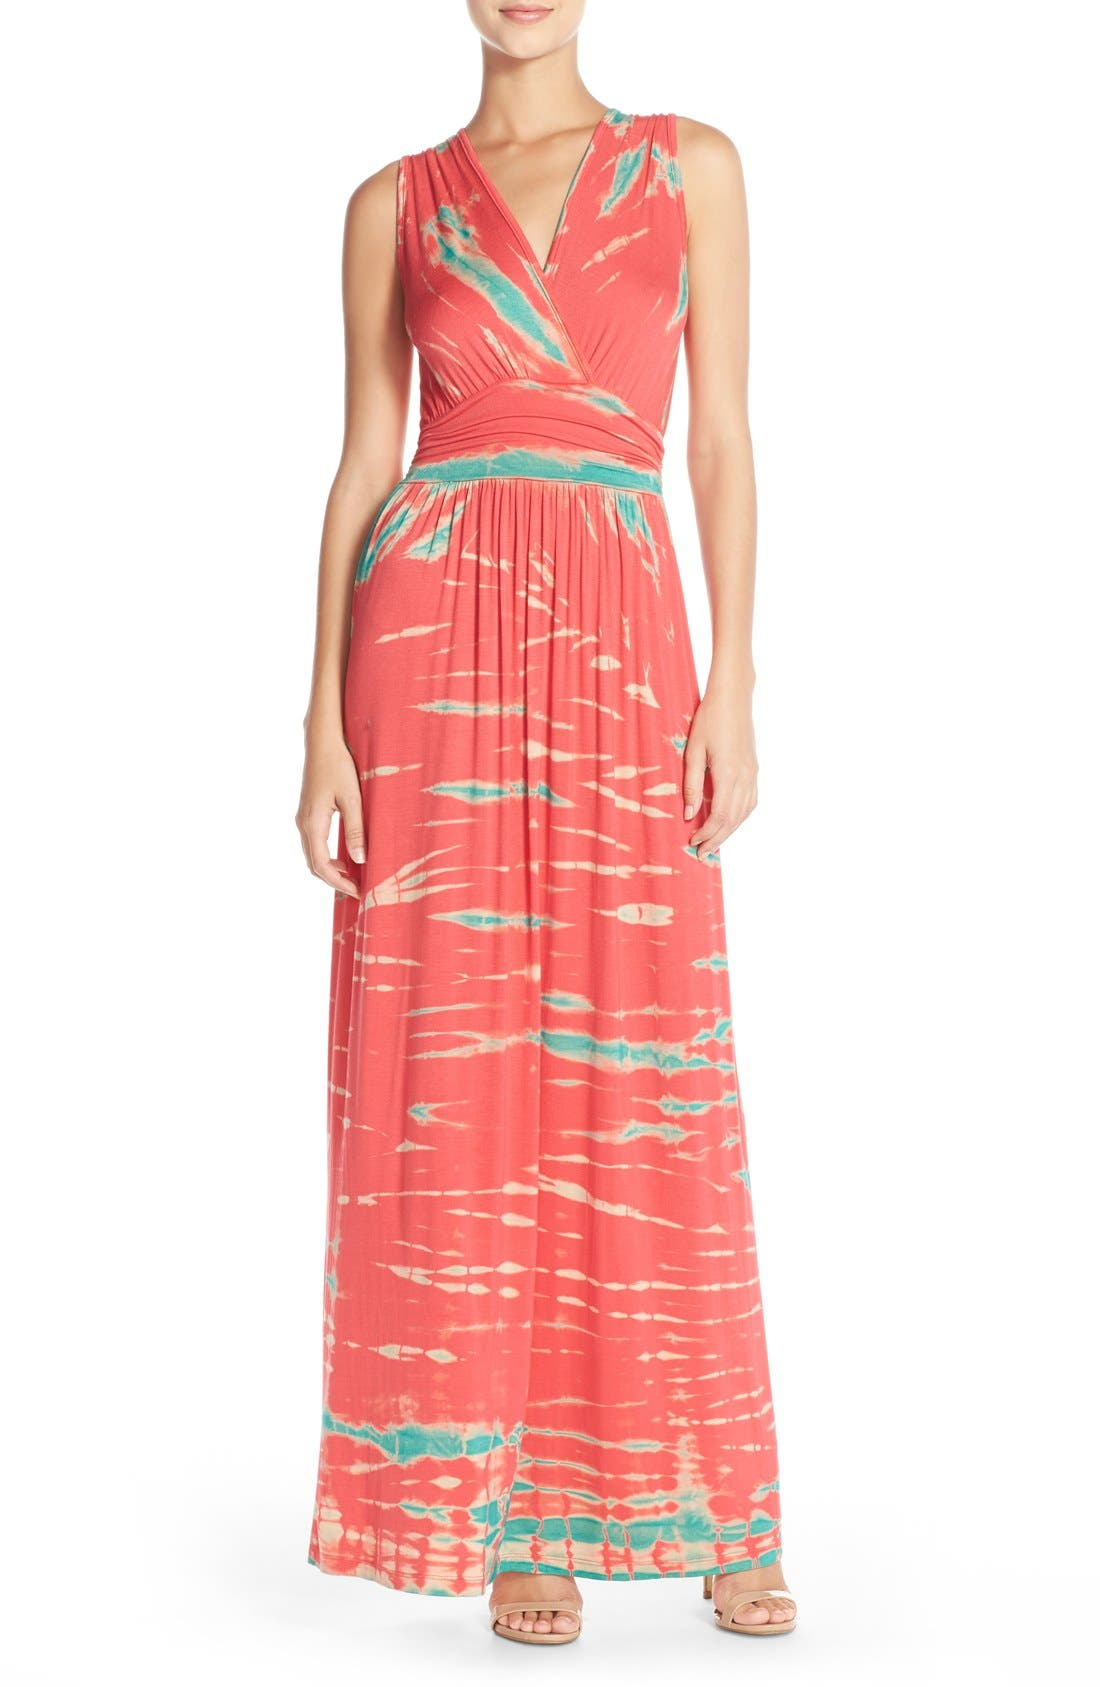 Fraiche by J Tie Dye Ombré Jersey Maxi Dress